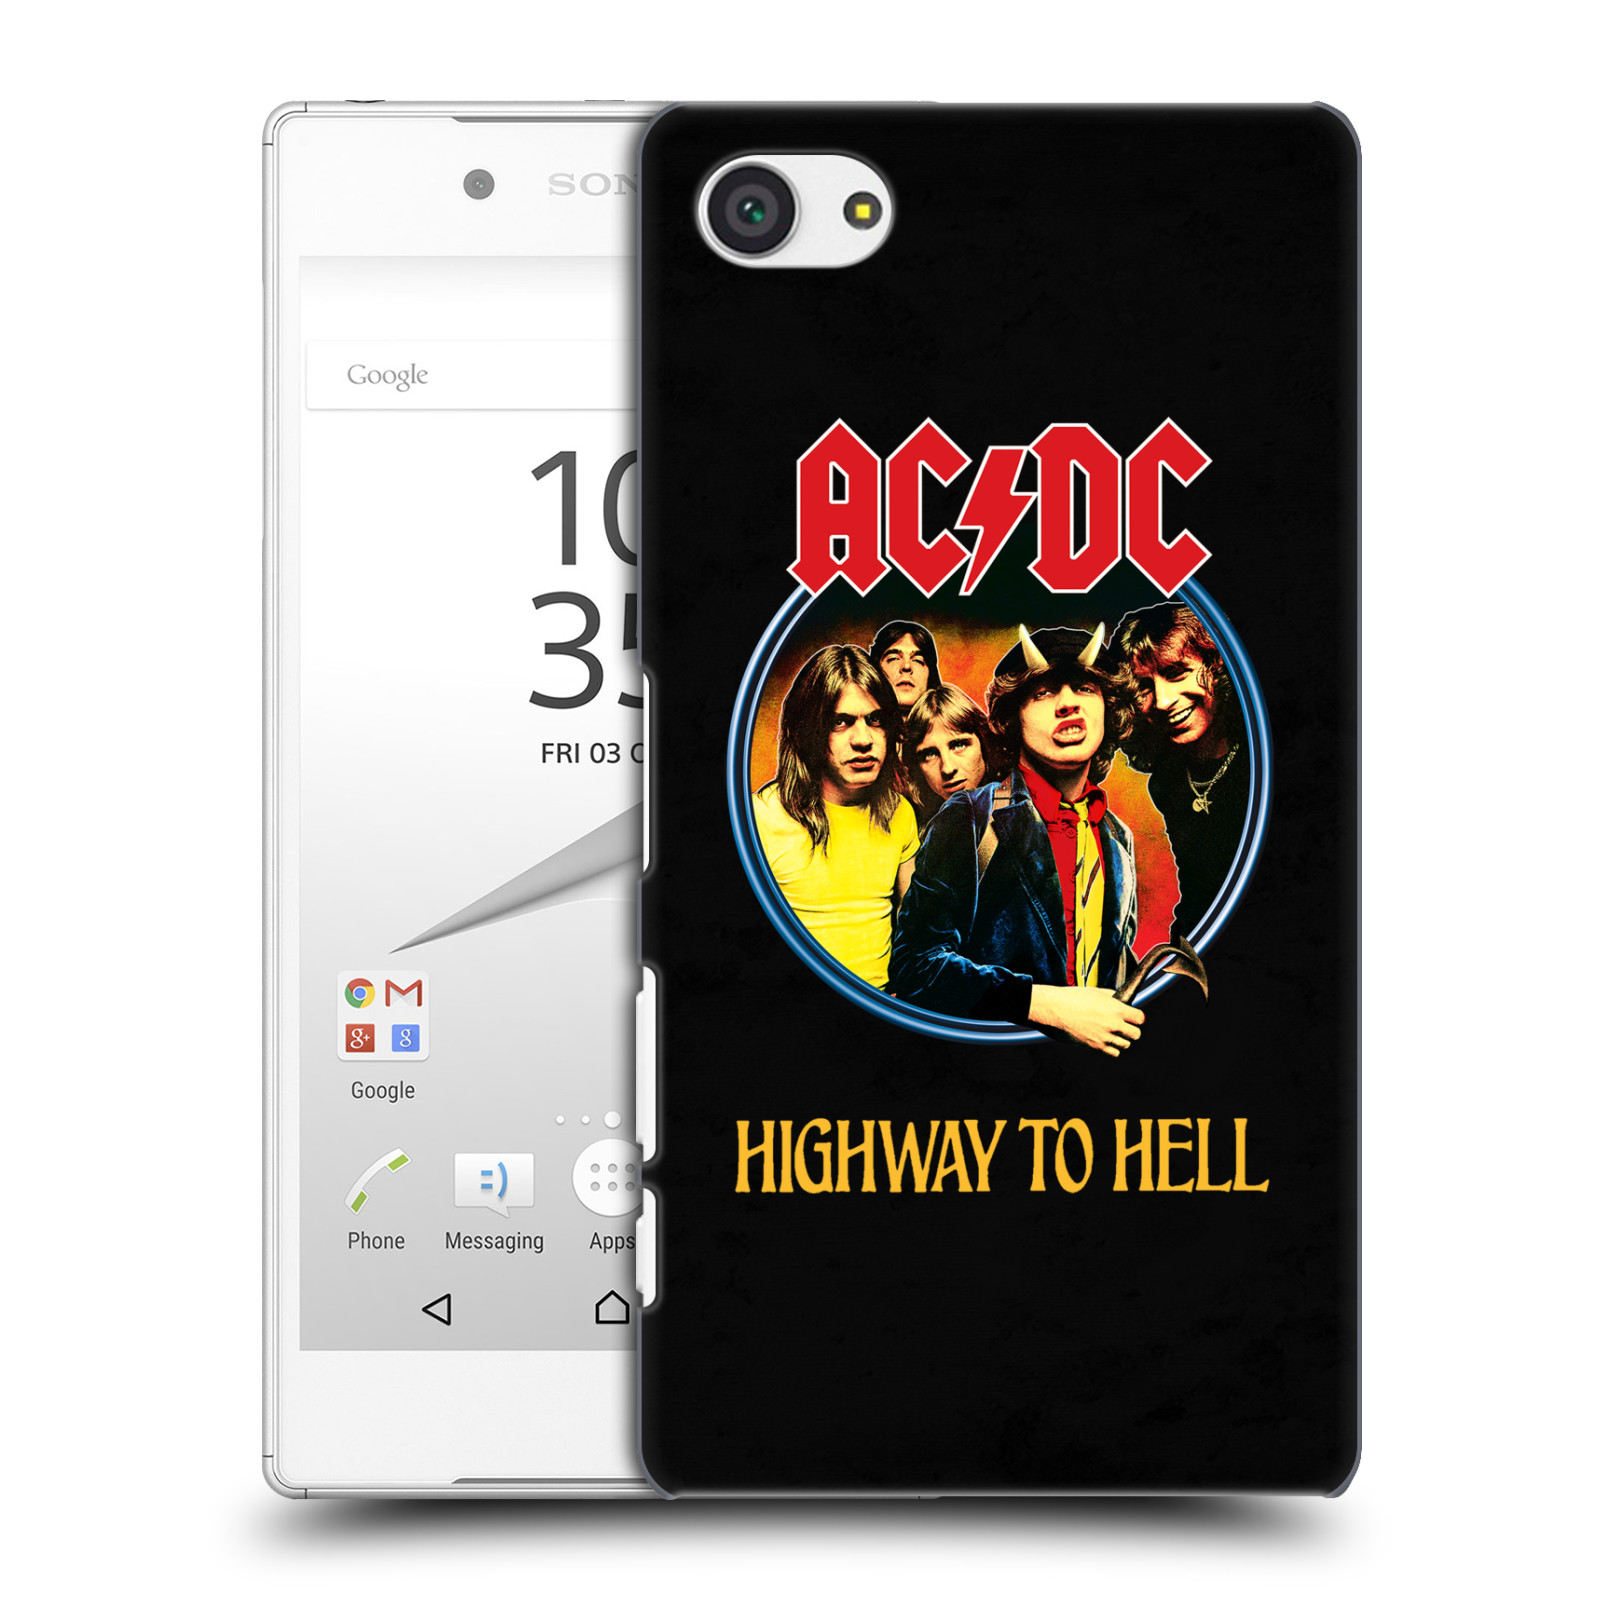 Plastové pouzdro na mobil Sony Xperia Z5 Compact HEAD CASE AC/DC Highway to Hell (Plastový kryt či obal na mobilní telefon s oficiálním motivem australské skupiny AC/DC pro Sony Xperia Z5 Compact E5823)